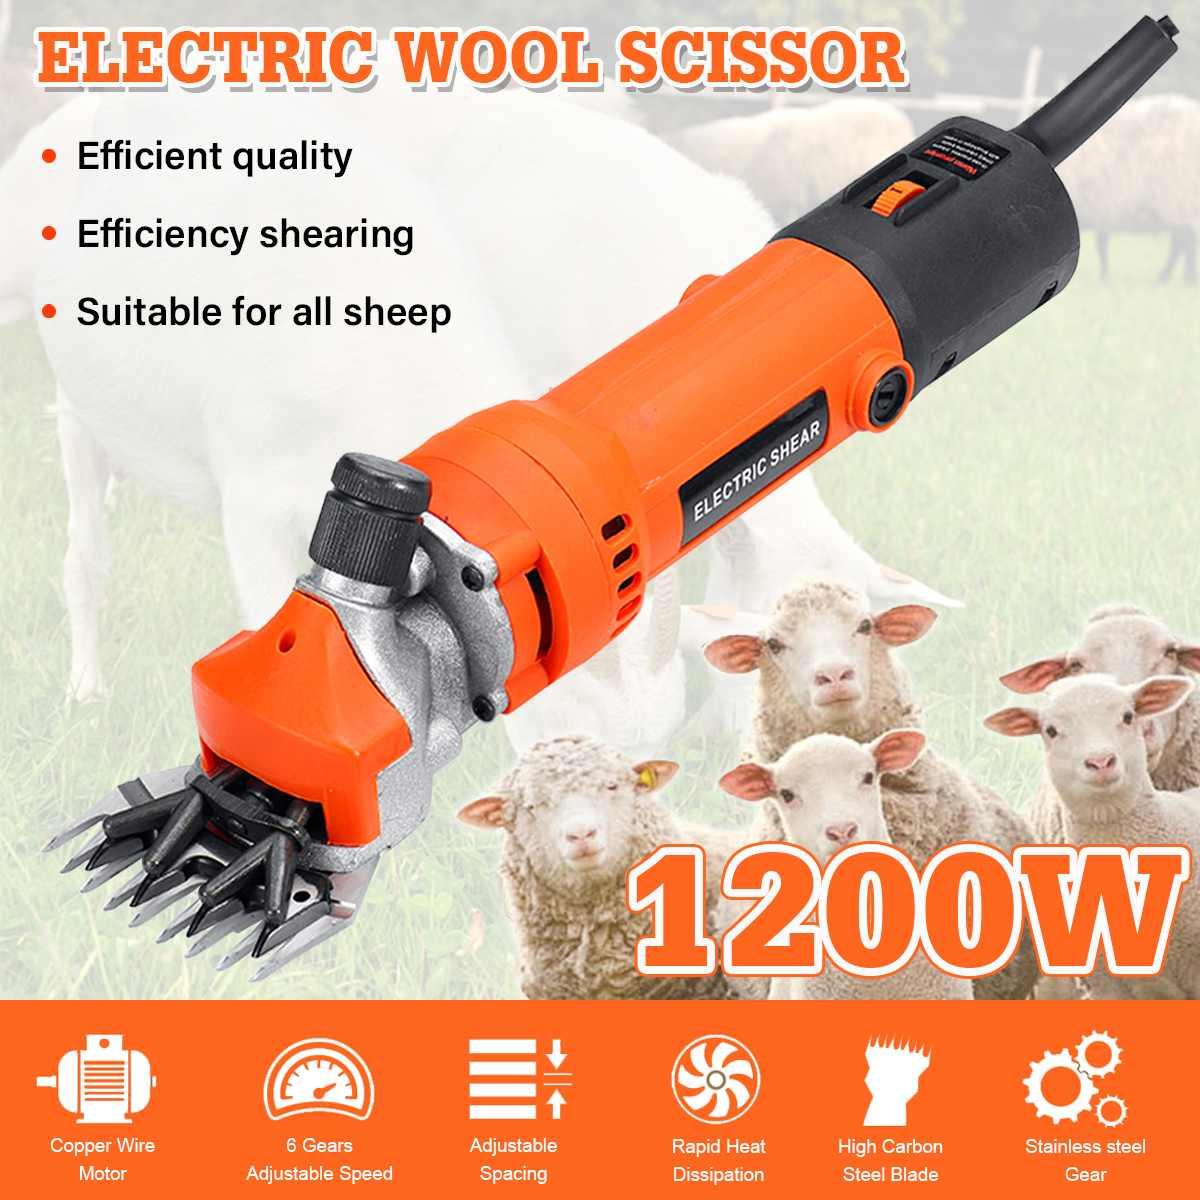 1200W Electric Sheep Shearing Machine Clipper Shear Goats Alpaca Shears Pet Hair Shearing Cutter Wool Scissor Farm Cut Machine